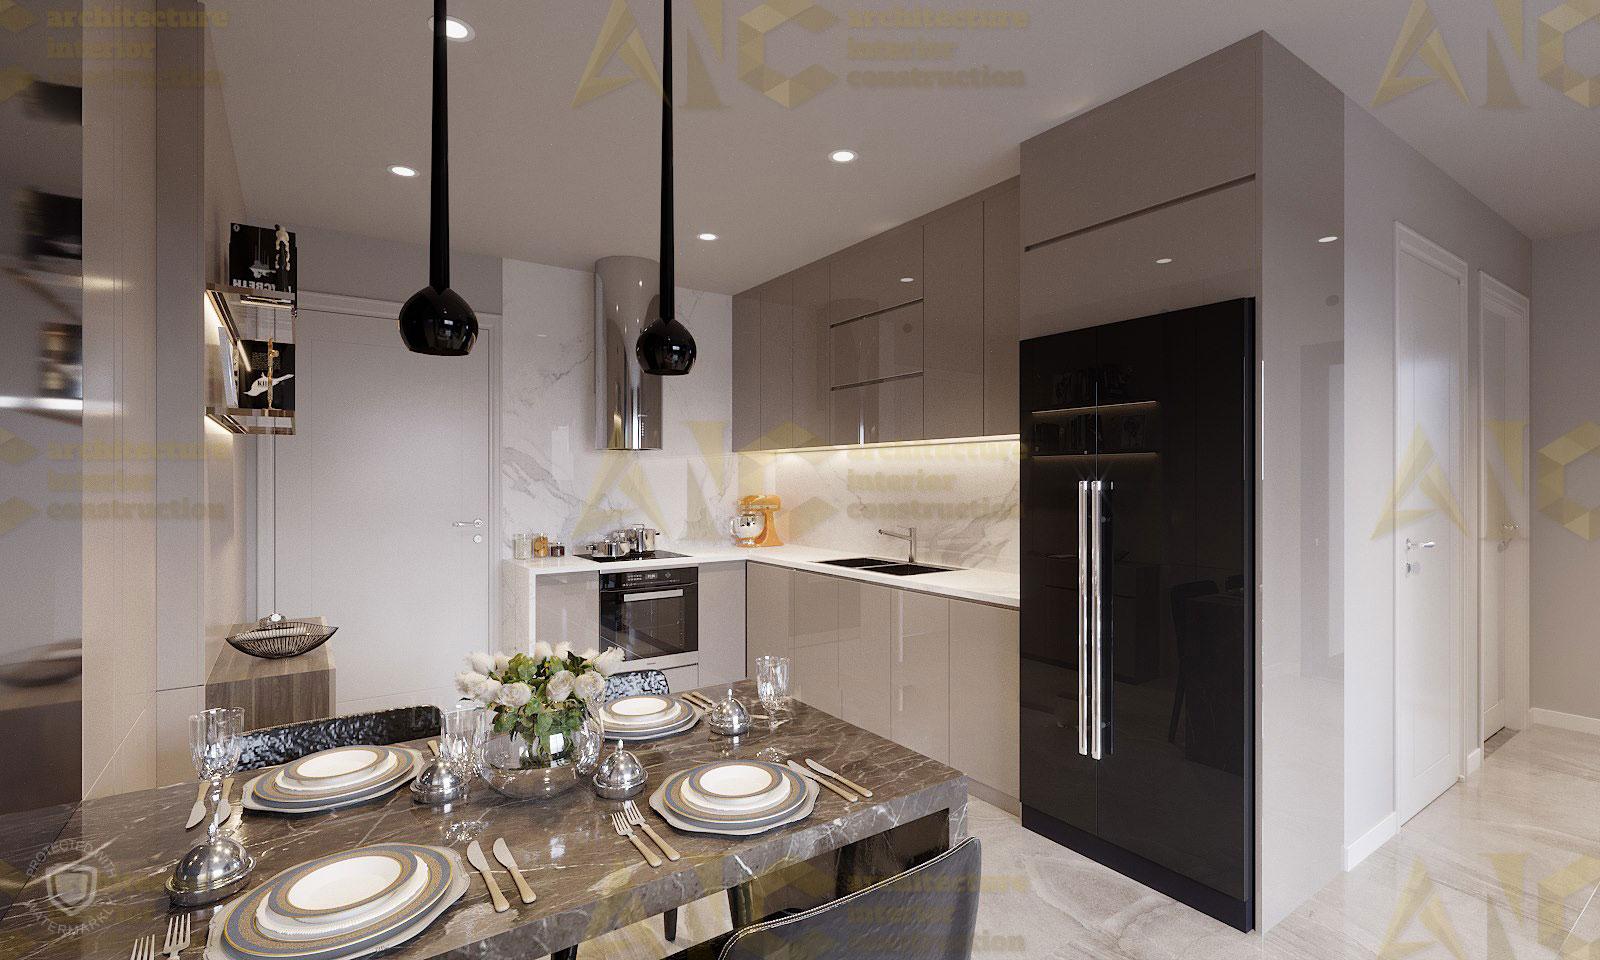 Thiết kế nội thất căn n11 Sài Gòn Mia- phòng bếp view 1